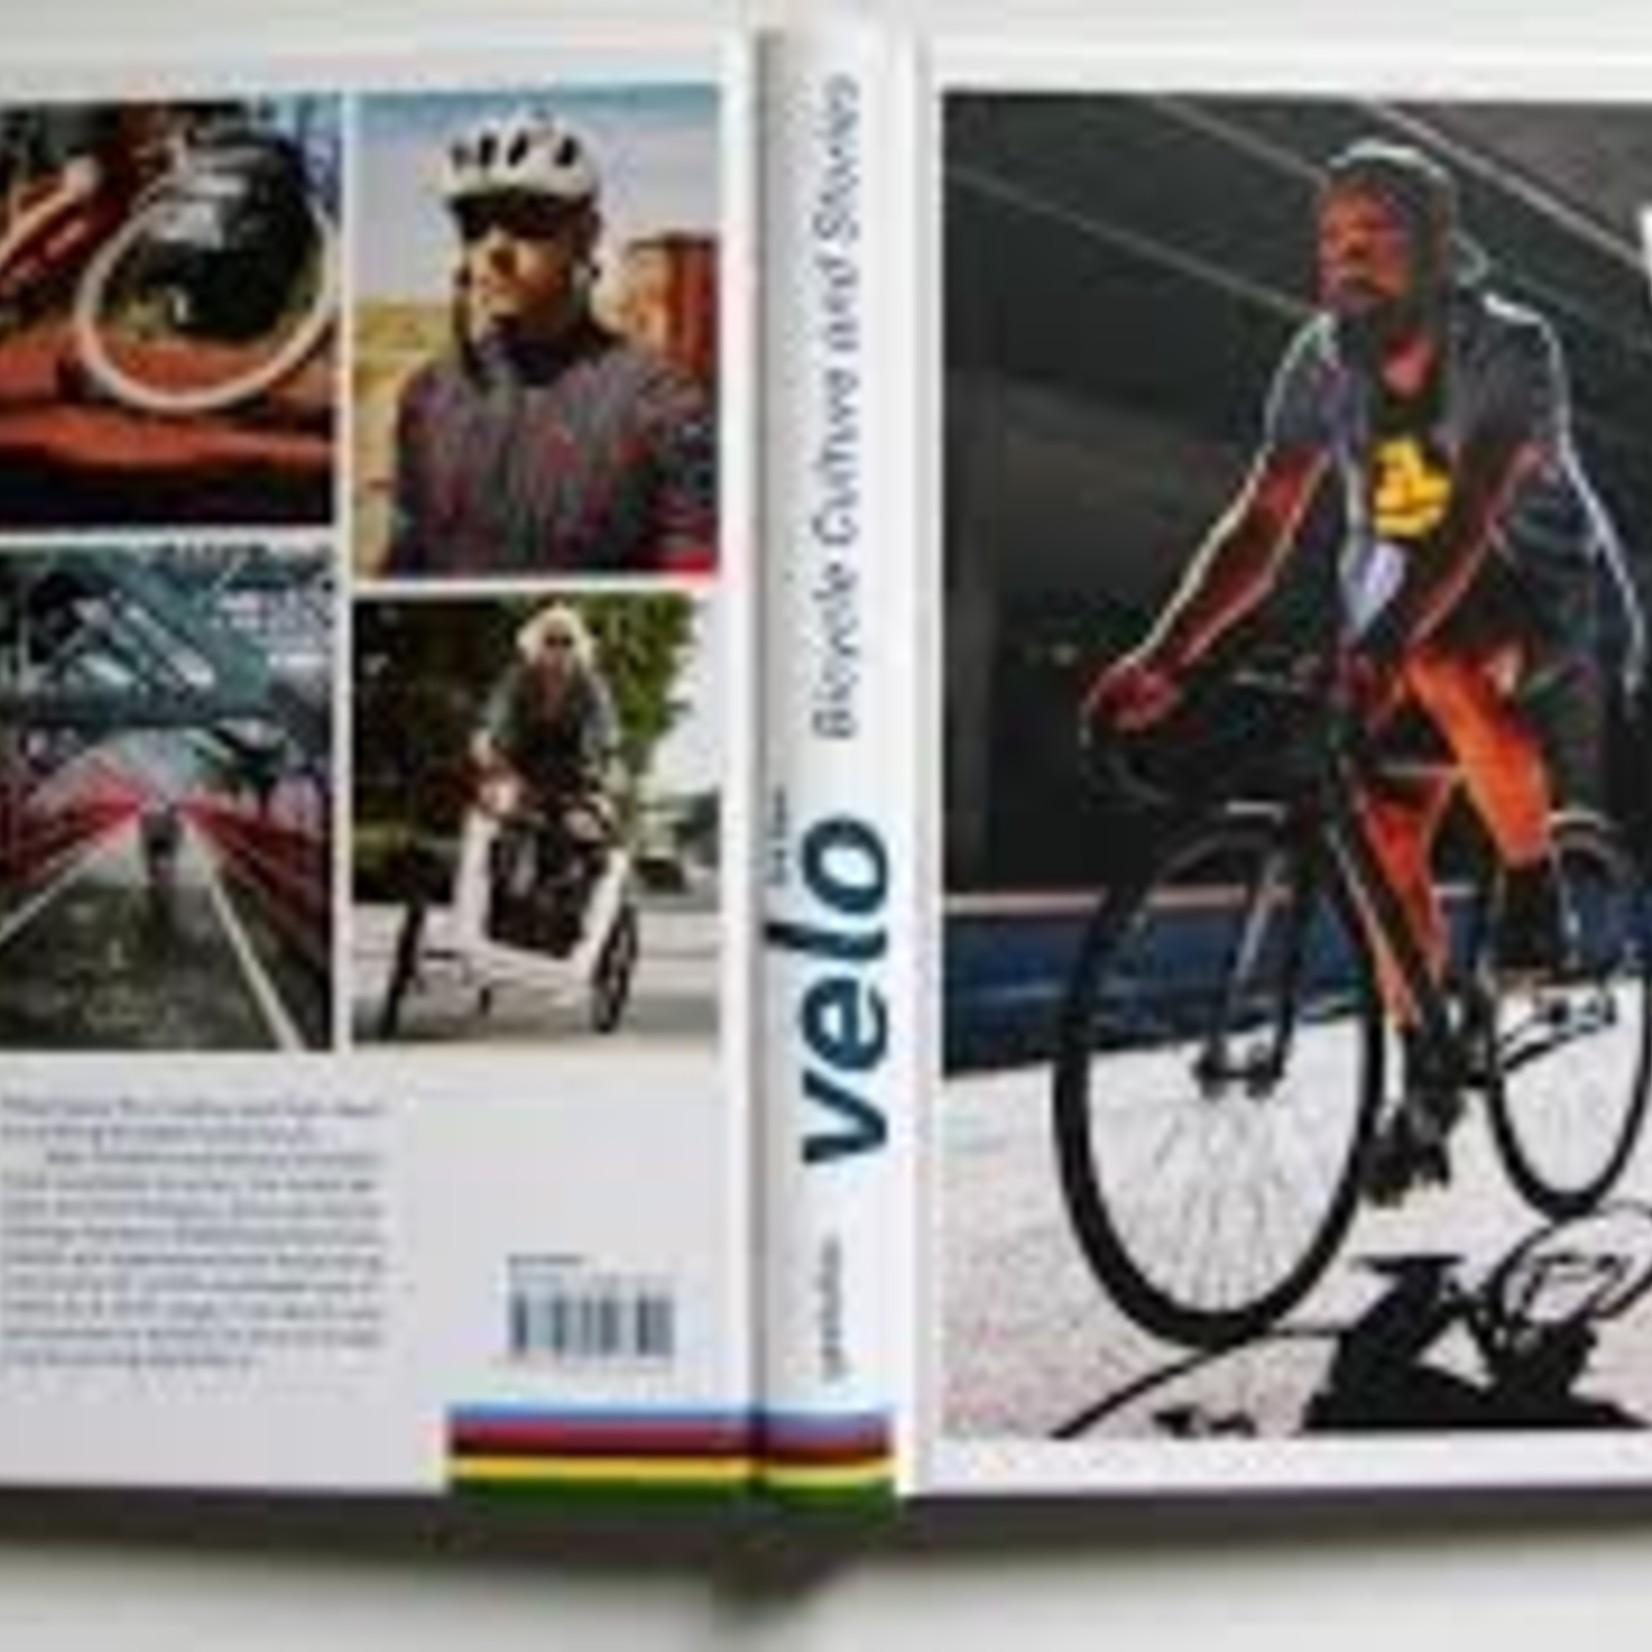 Book 'Velo 3rd gear'